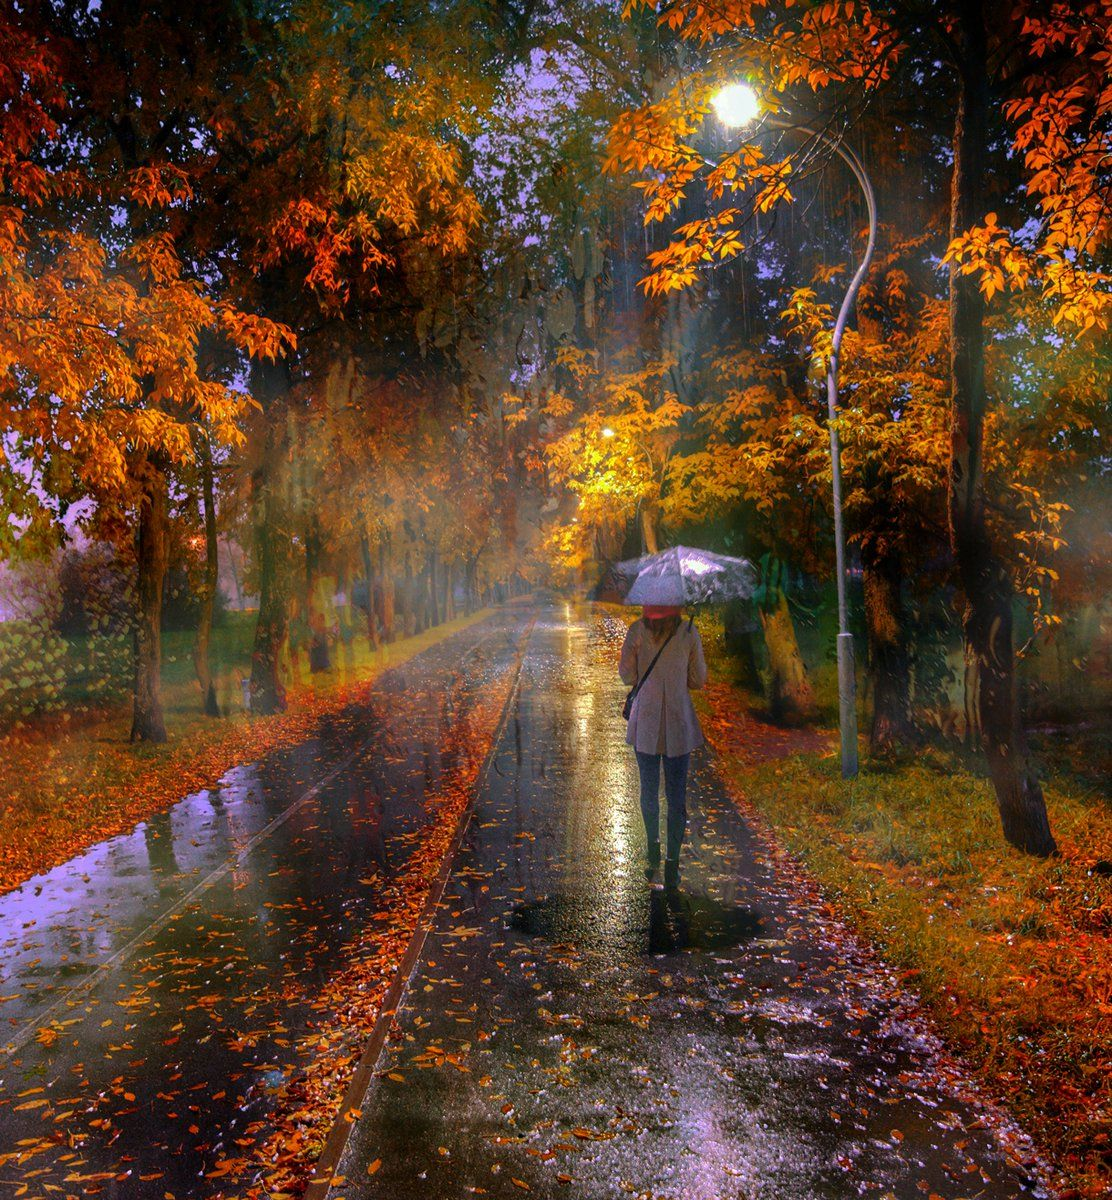 Lisa Ruiz on in 2020 | Autumn scenes, Autumn rain, Scenery